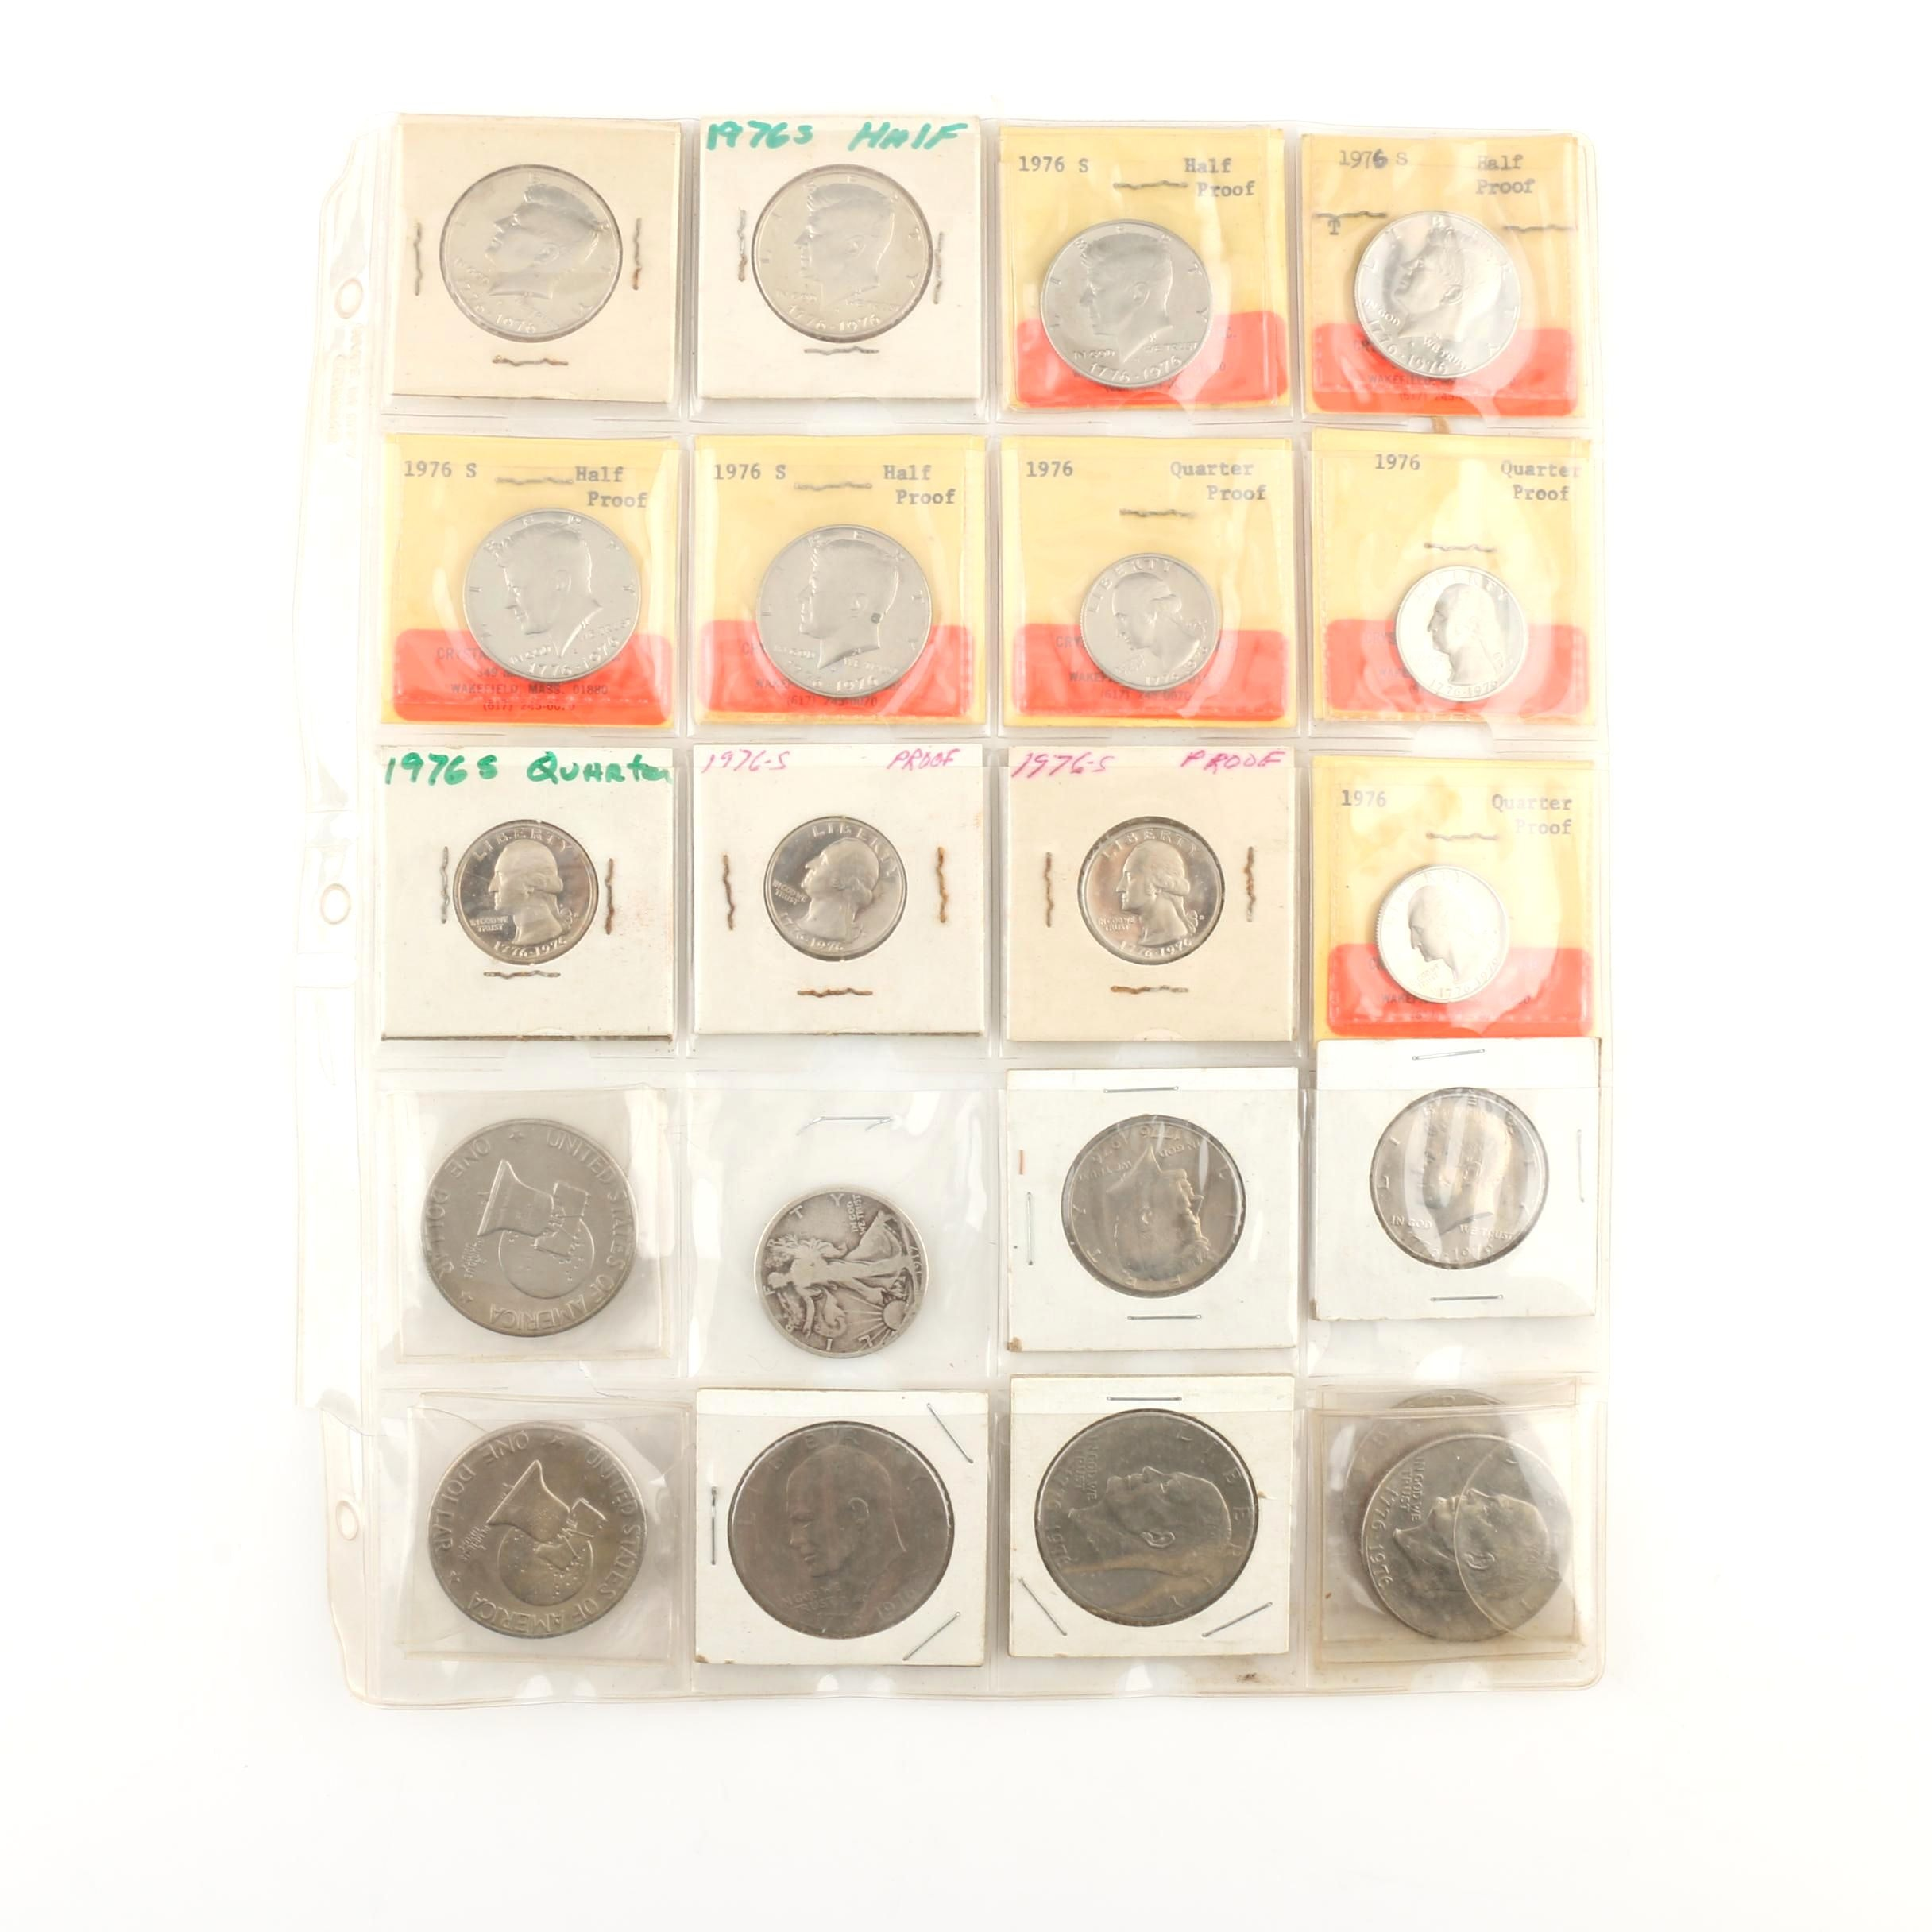 Album Page of Vintage U.S. Coins